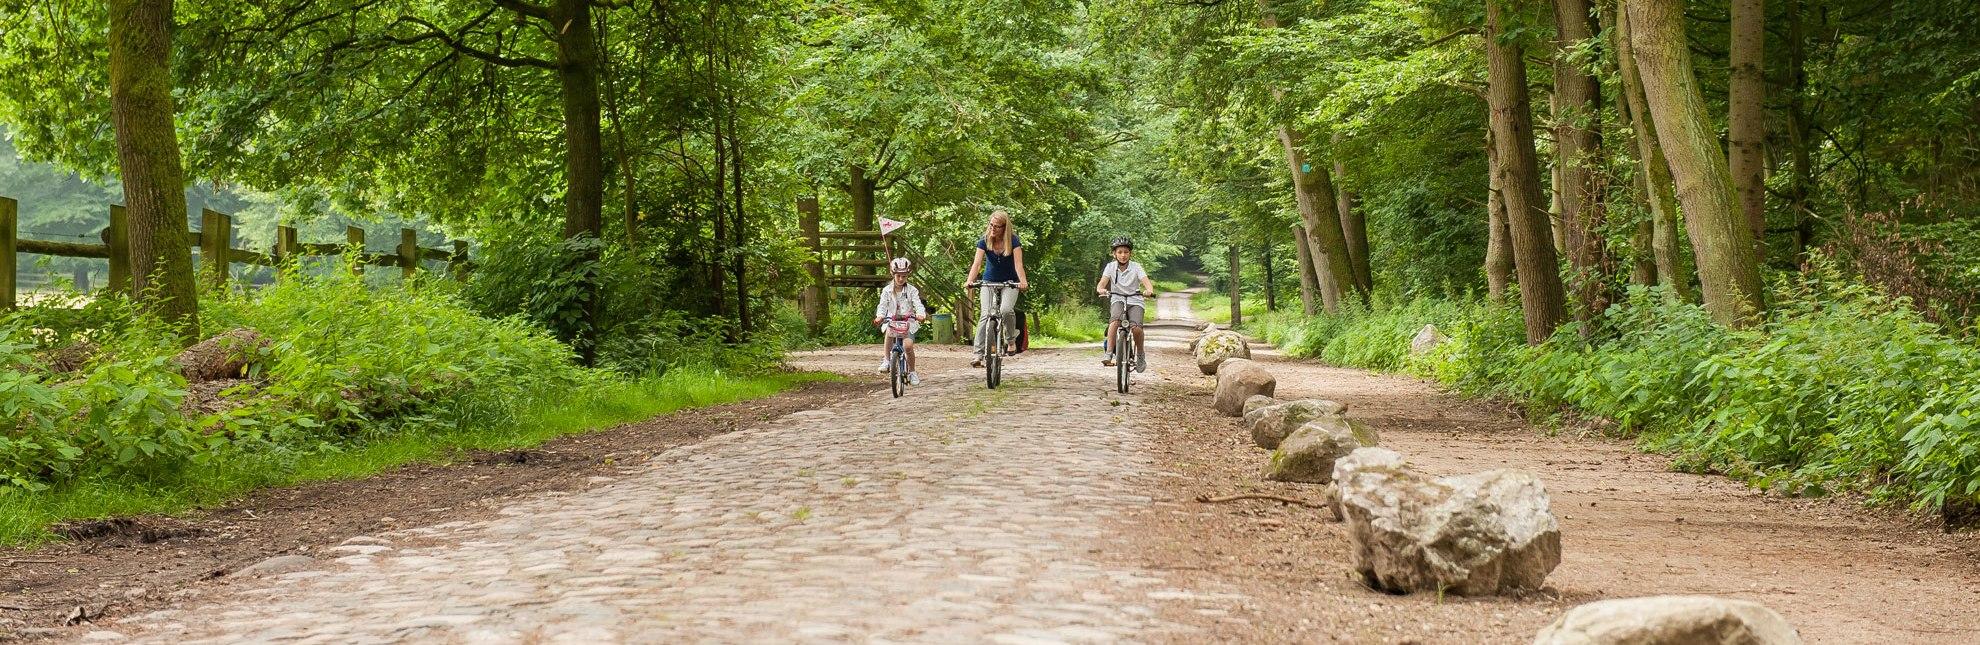 Die Bauernhofradtour verläuft bei Fredeburg am Wisentgehege vorbei durch herrlichen Mischwald., © Nicole Franke / HLMS GmbH